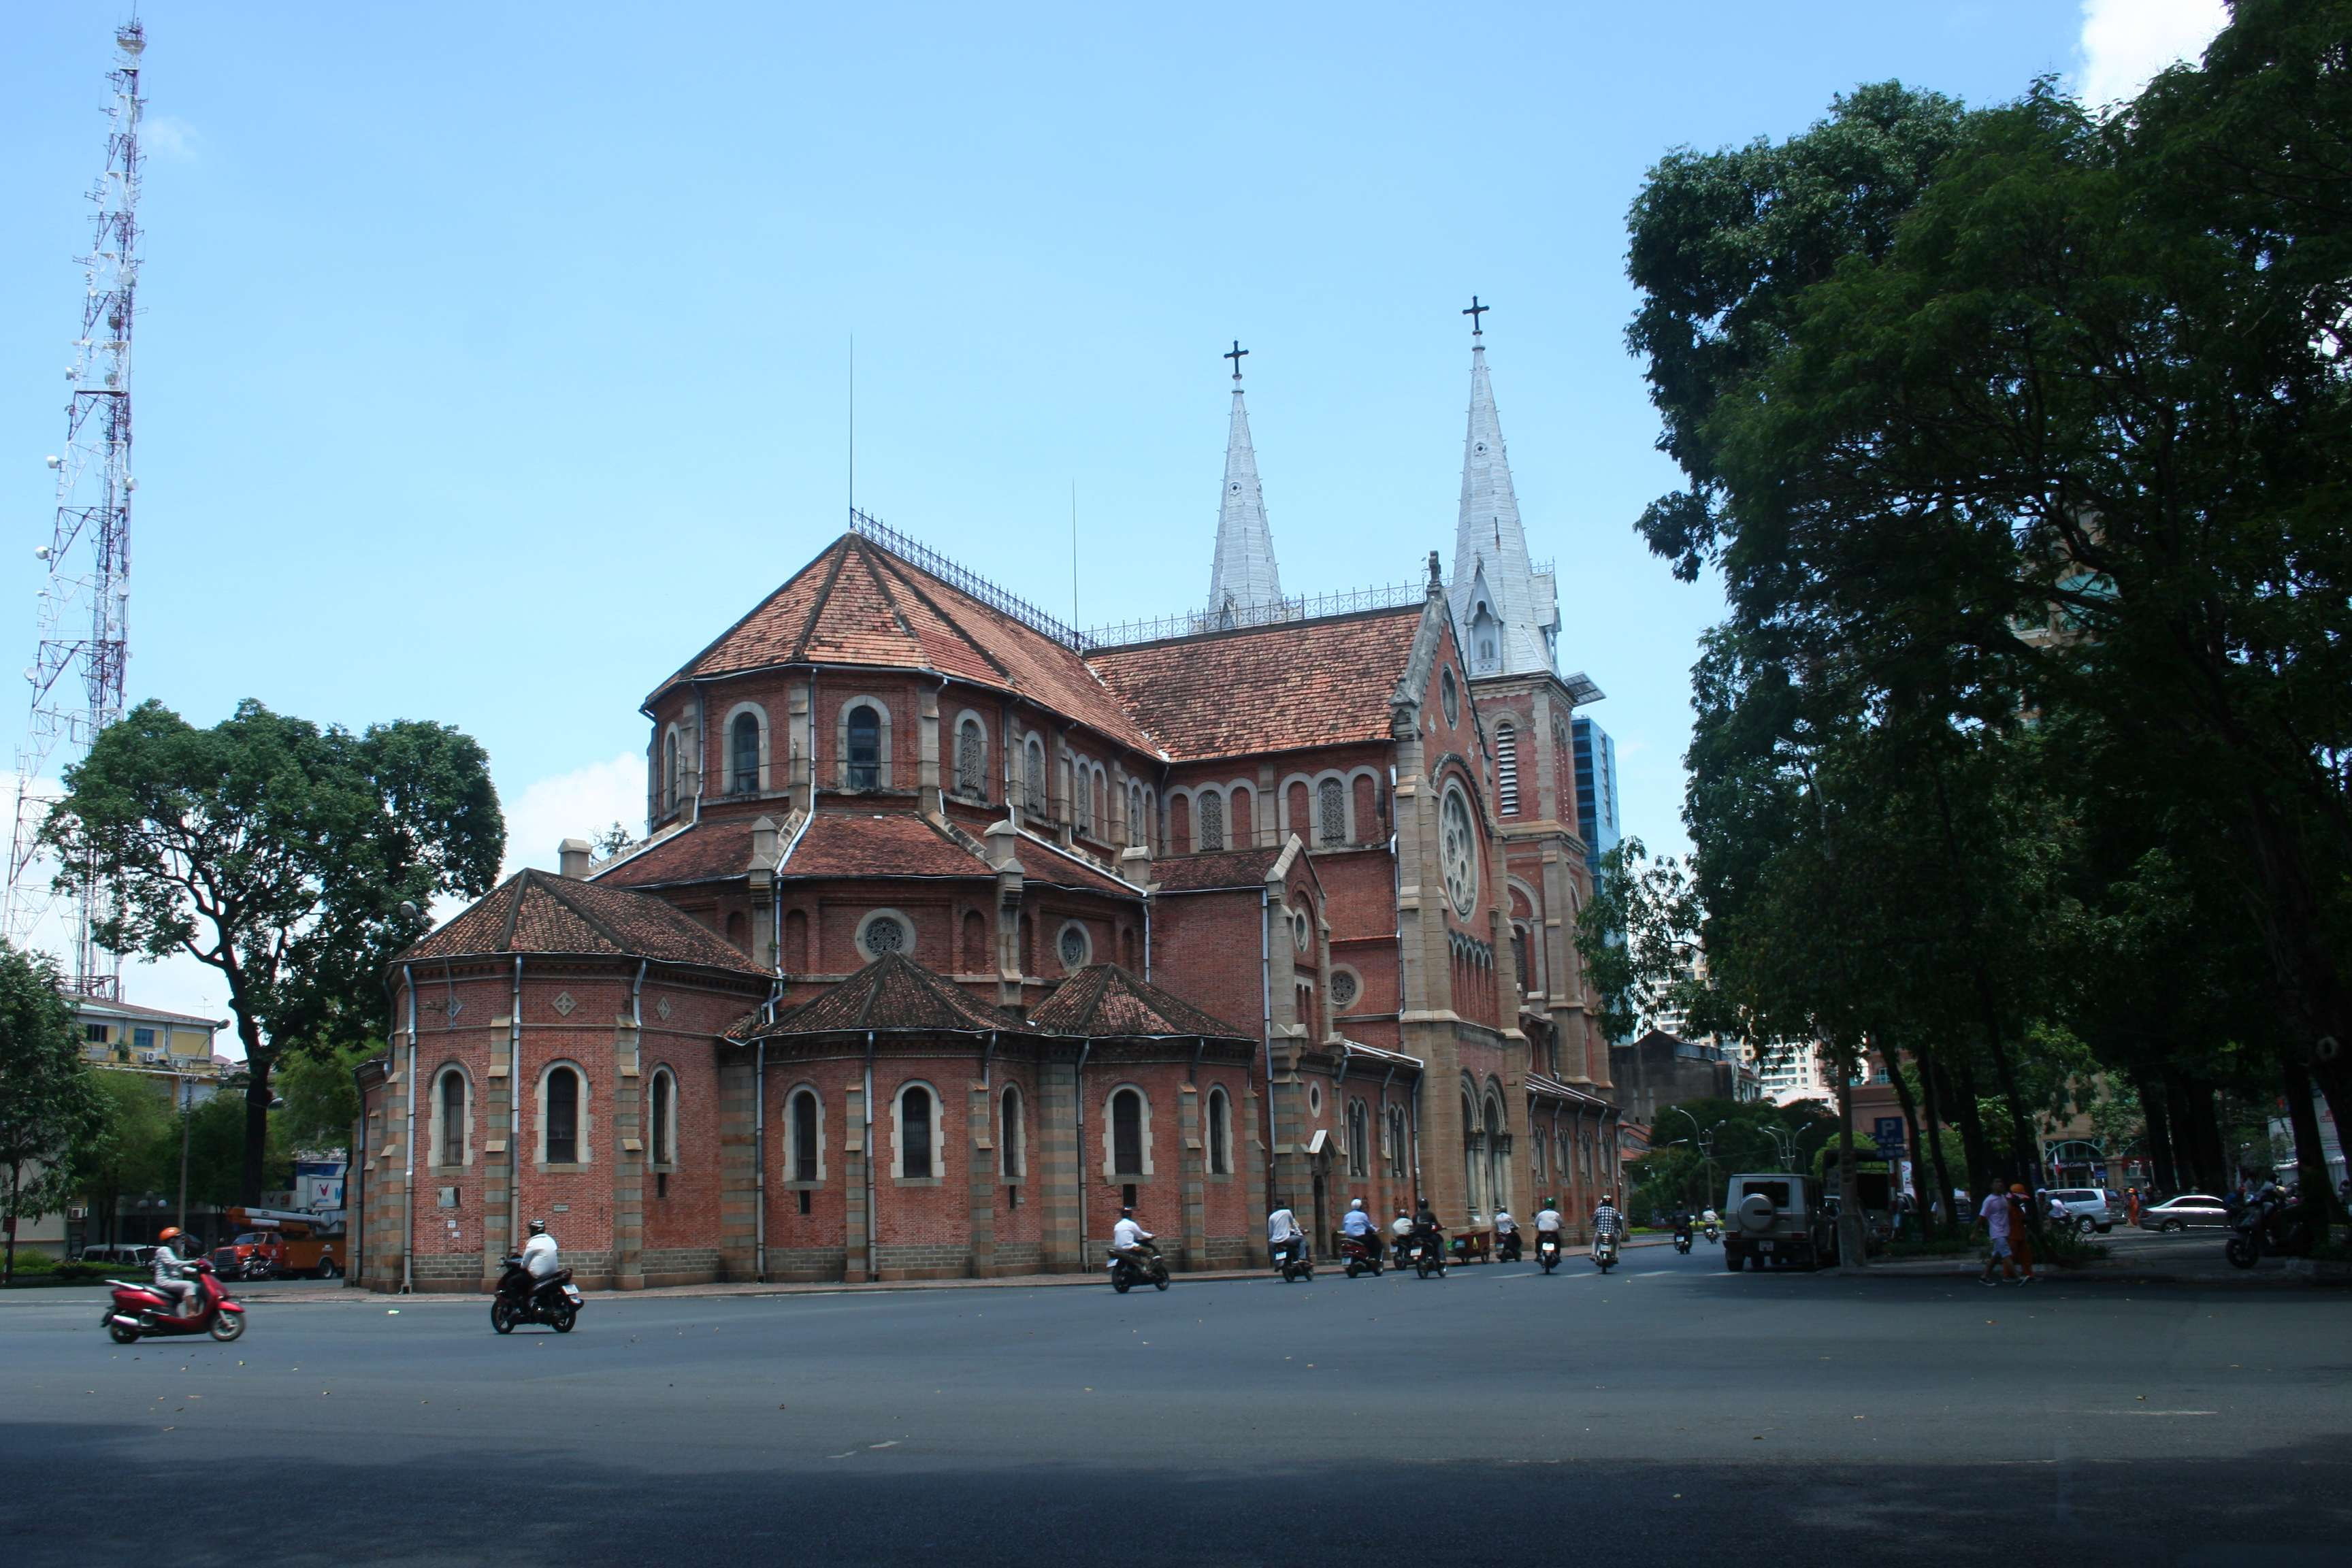 20120418_361 Notre Dame Sai Gon